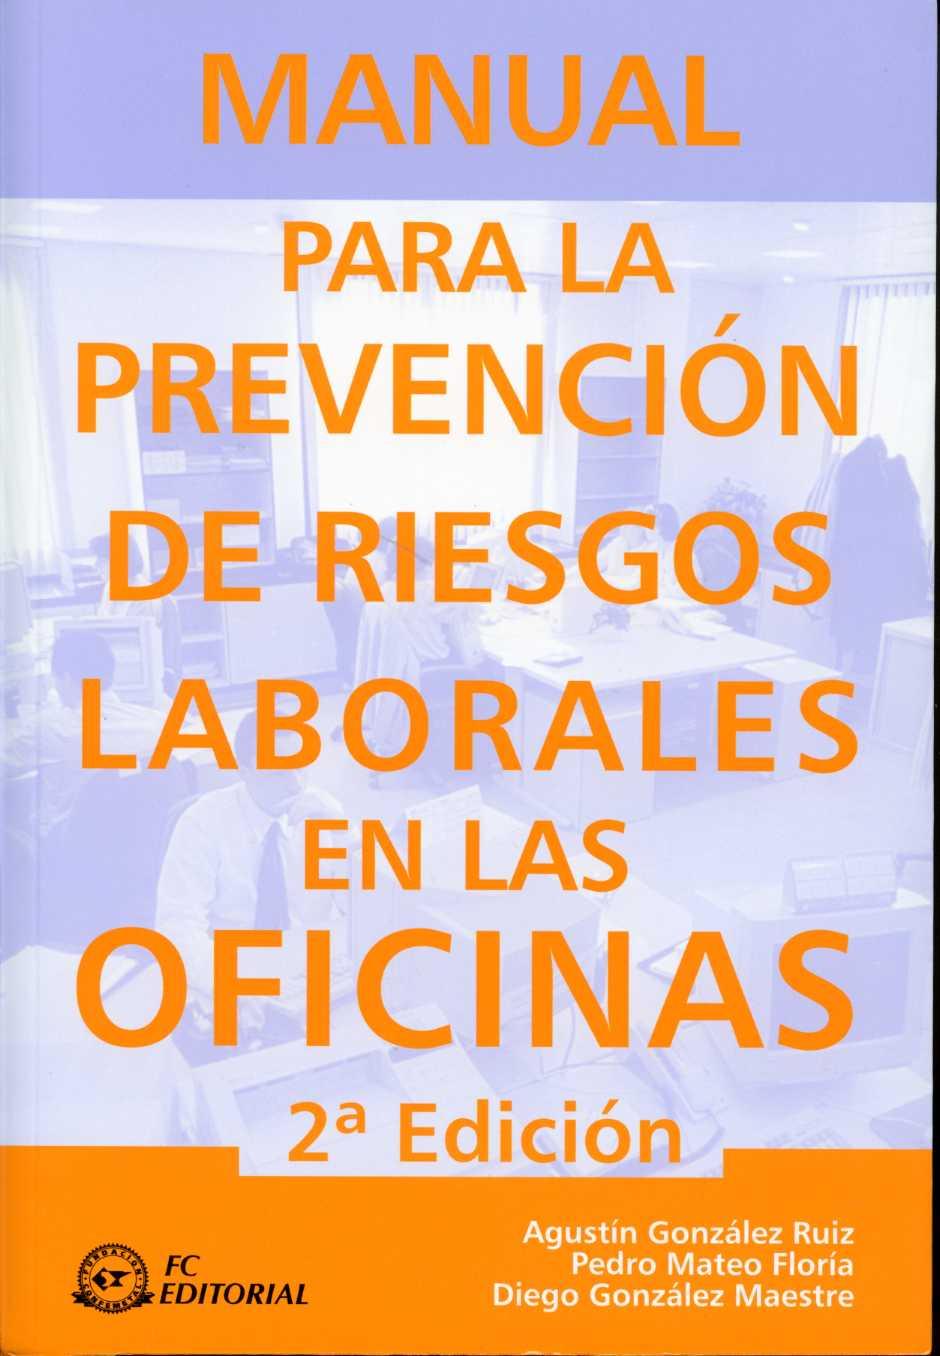 Manual de riesgos psicosociales en el trabajo share the for Prevencion riesgos laborales oficina